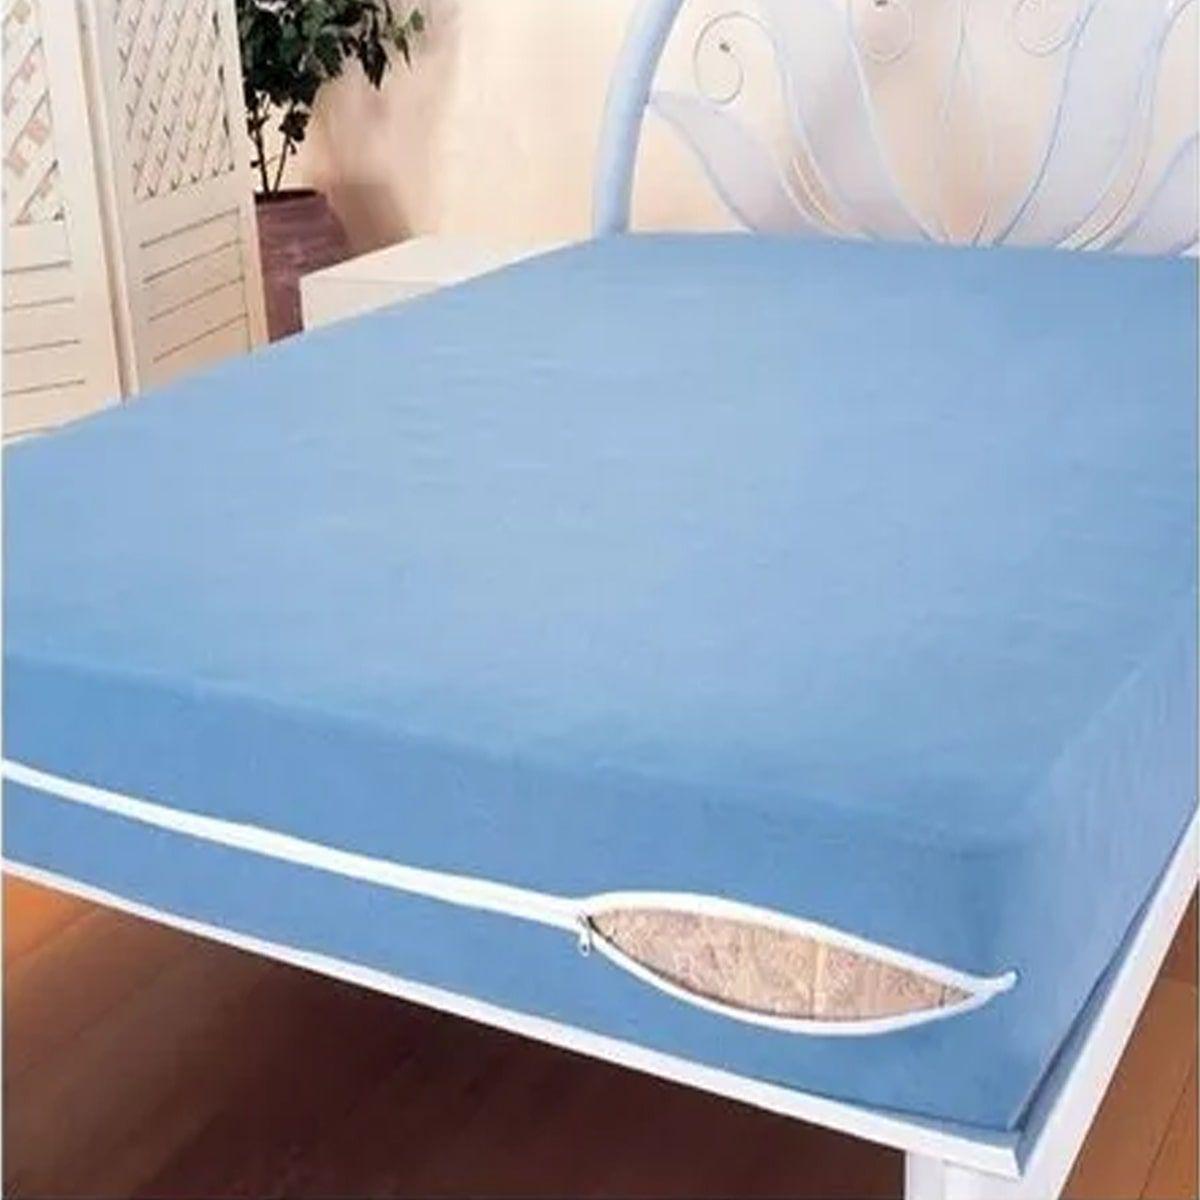 Capa Para Colchão de Solteiro Azul - 1,88m x 88cm de Largura